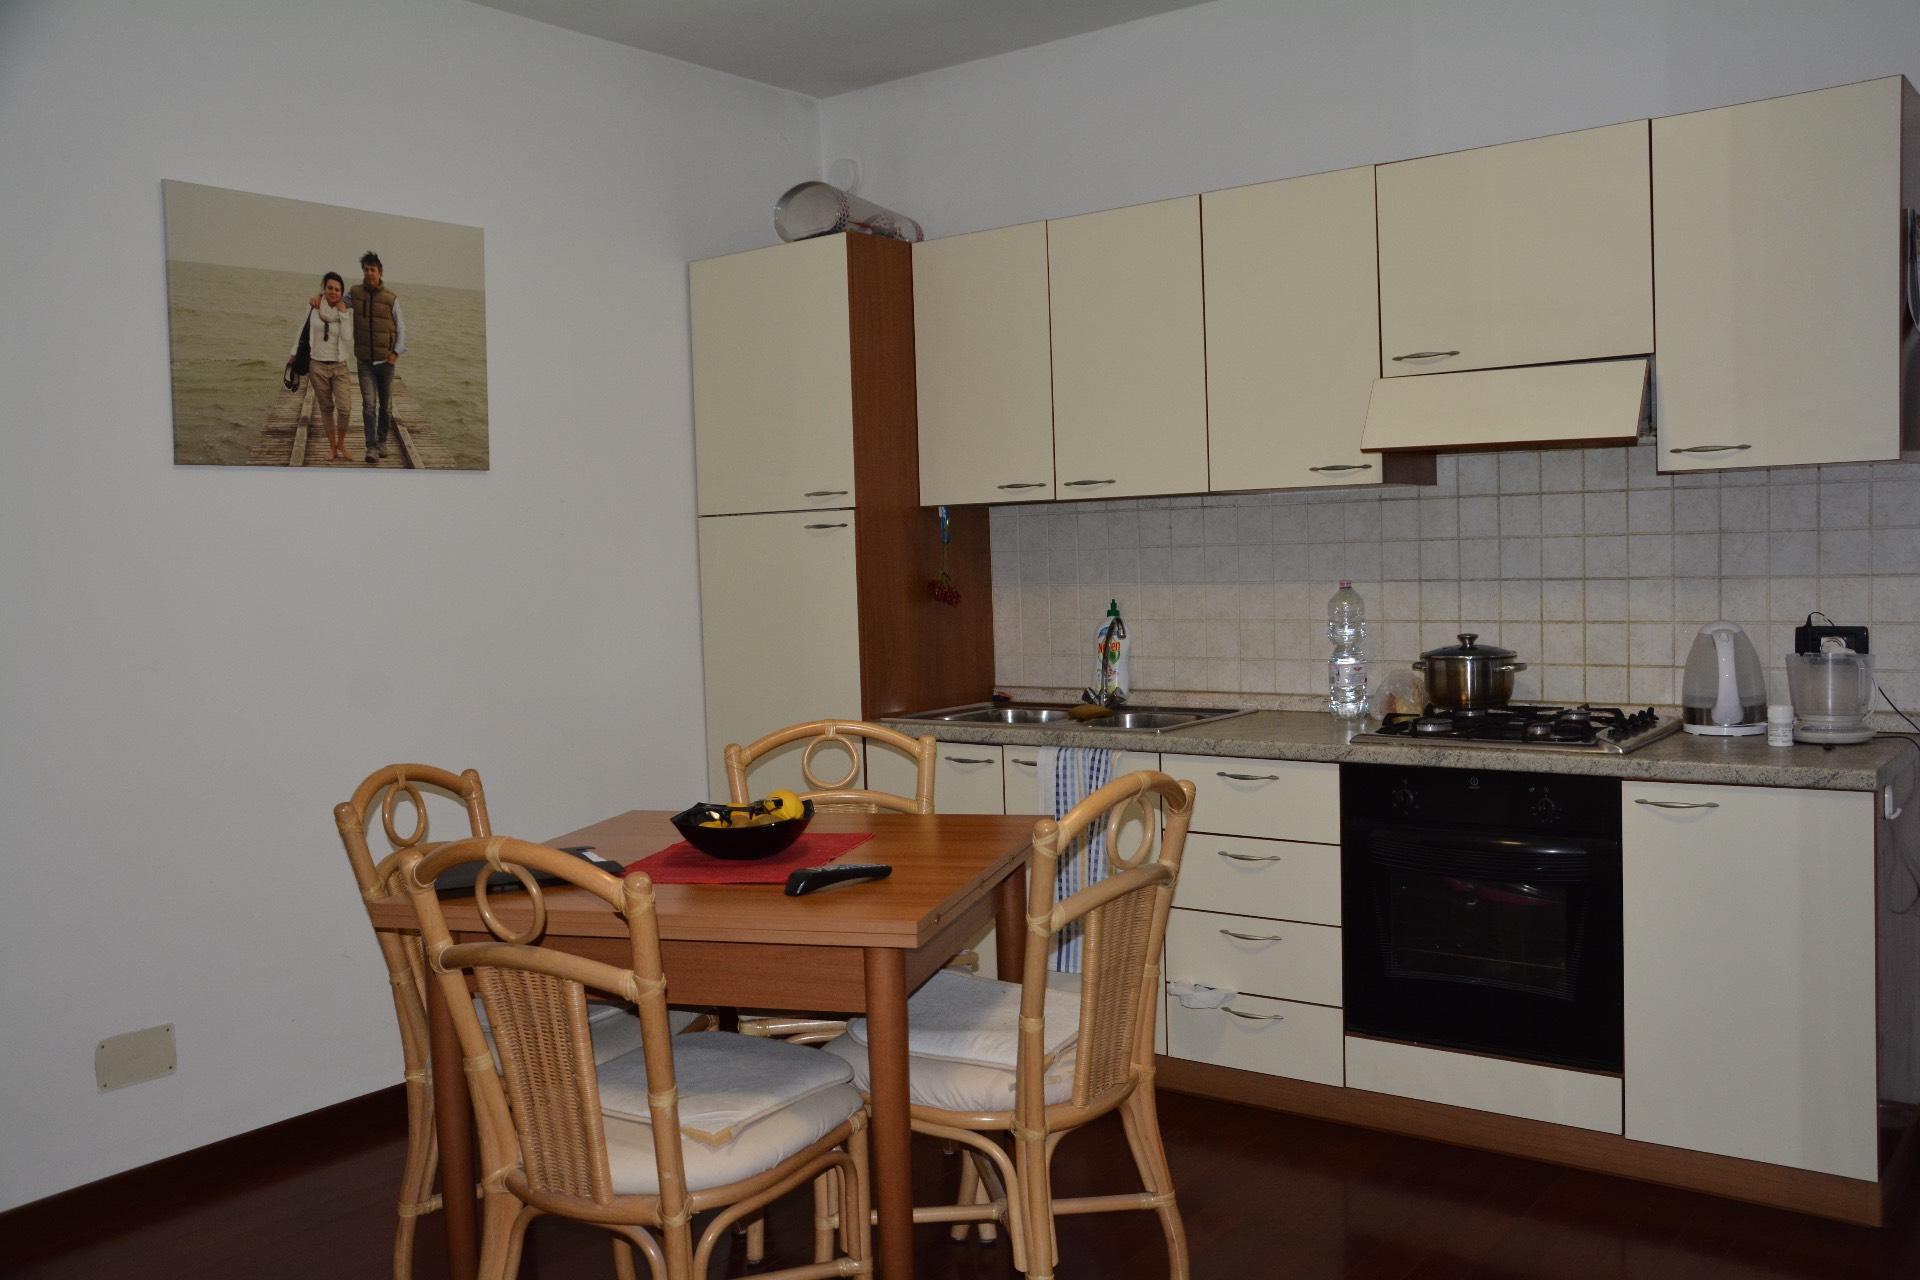 Appartamento in affitto a Mareno di Piave, 3 locali, zona Località: S.aMariadelPiave, prezzo € 420 | Cambio Casa.it